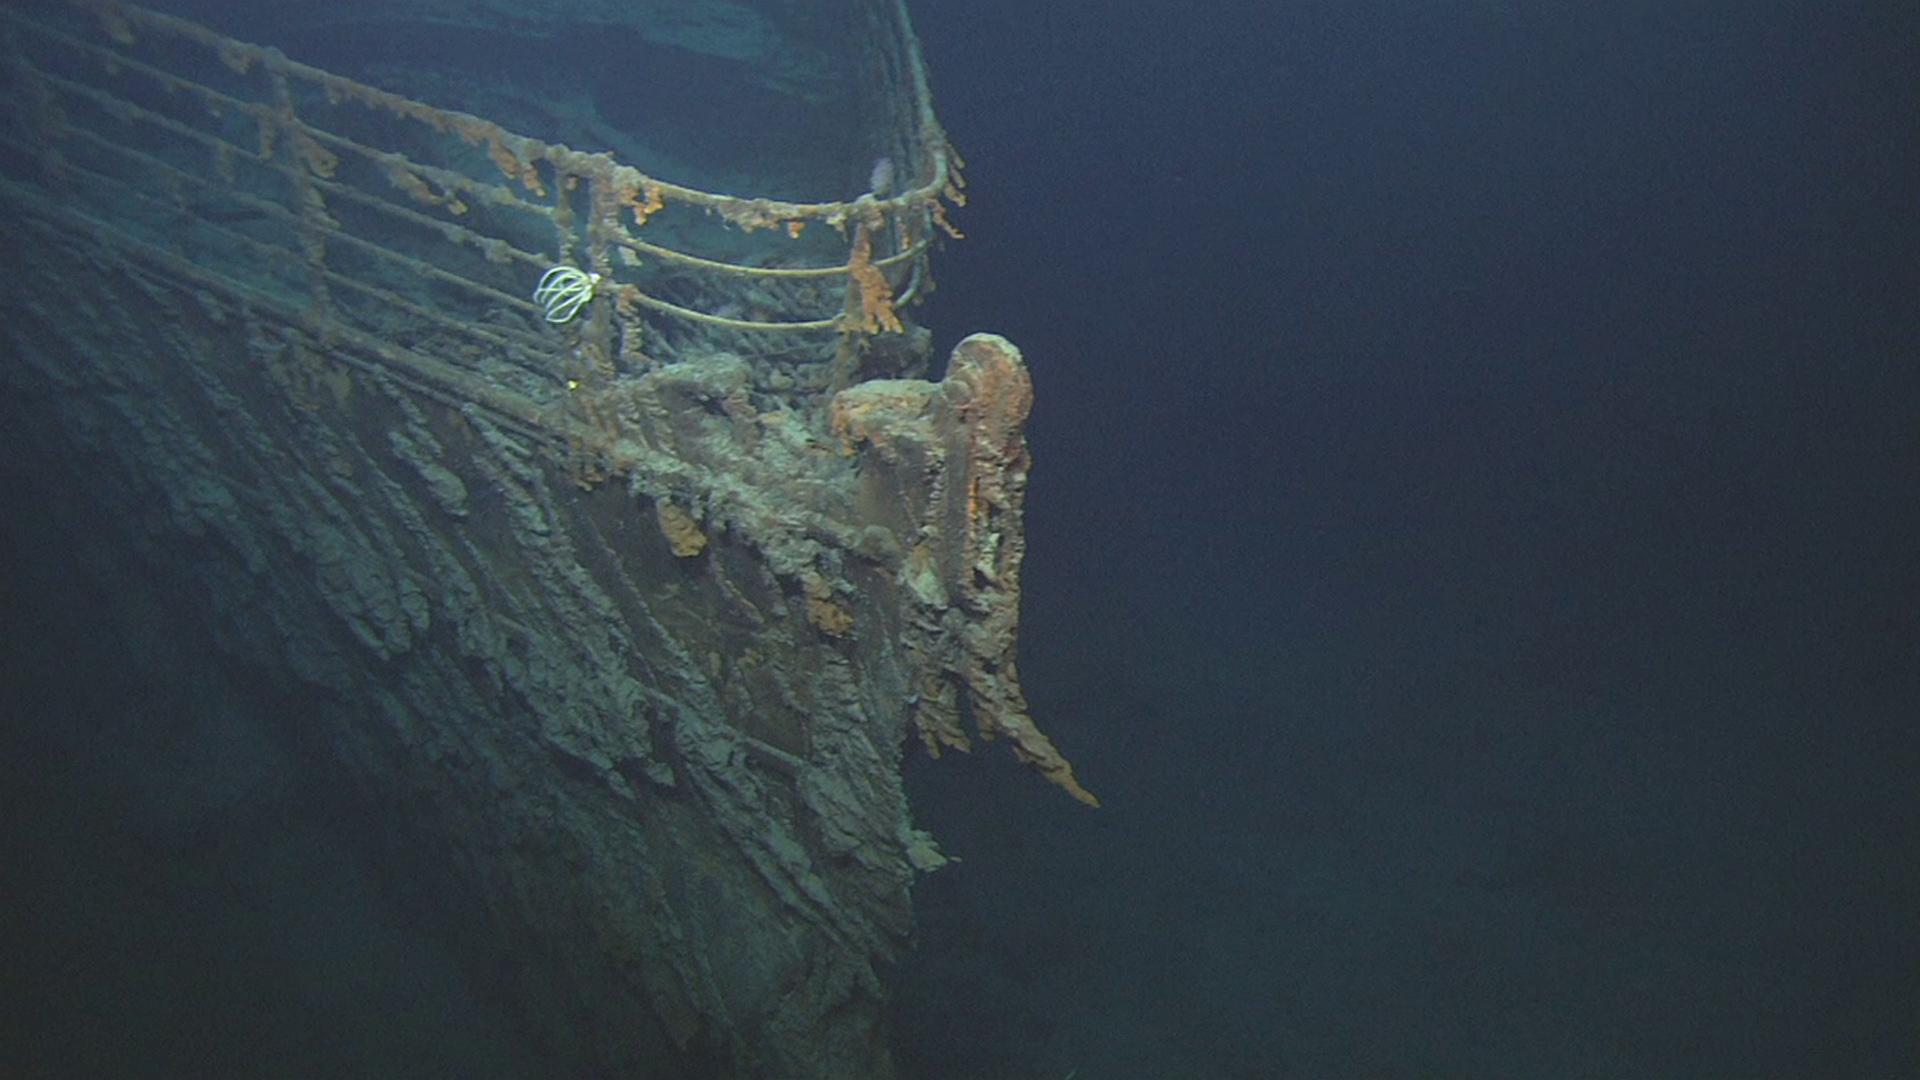 Titanic's bow under the North Atlantic Ocean.